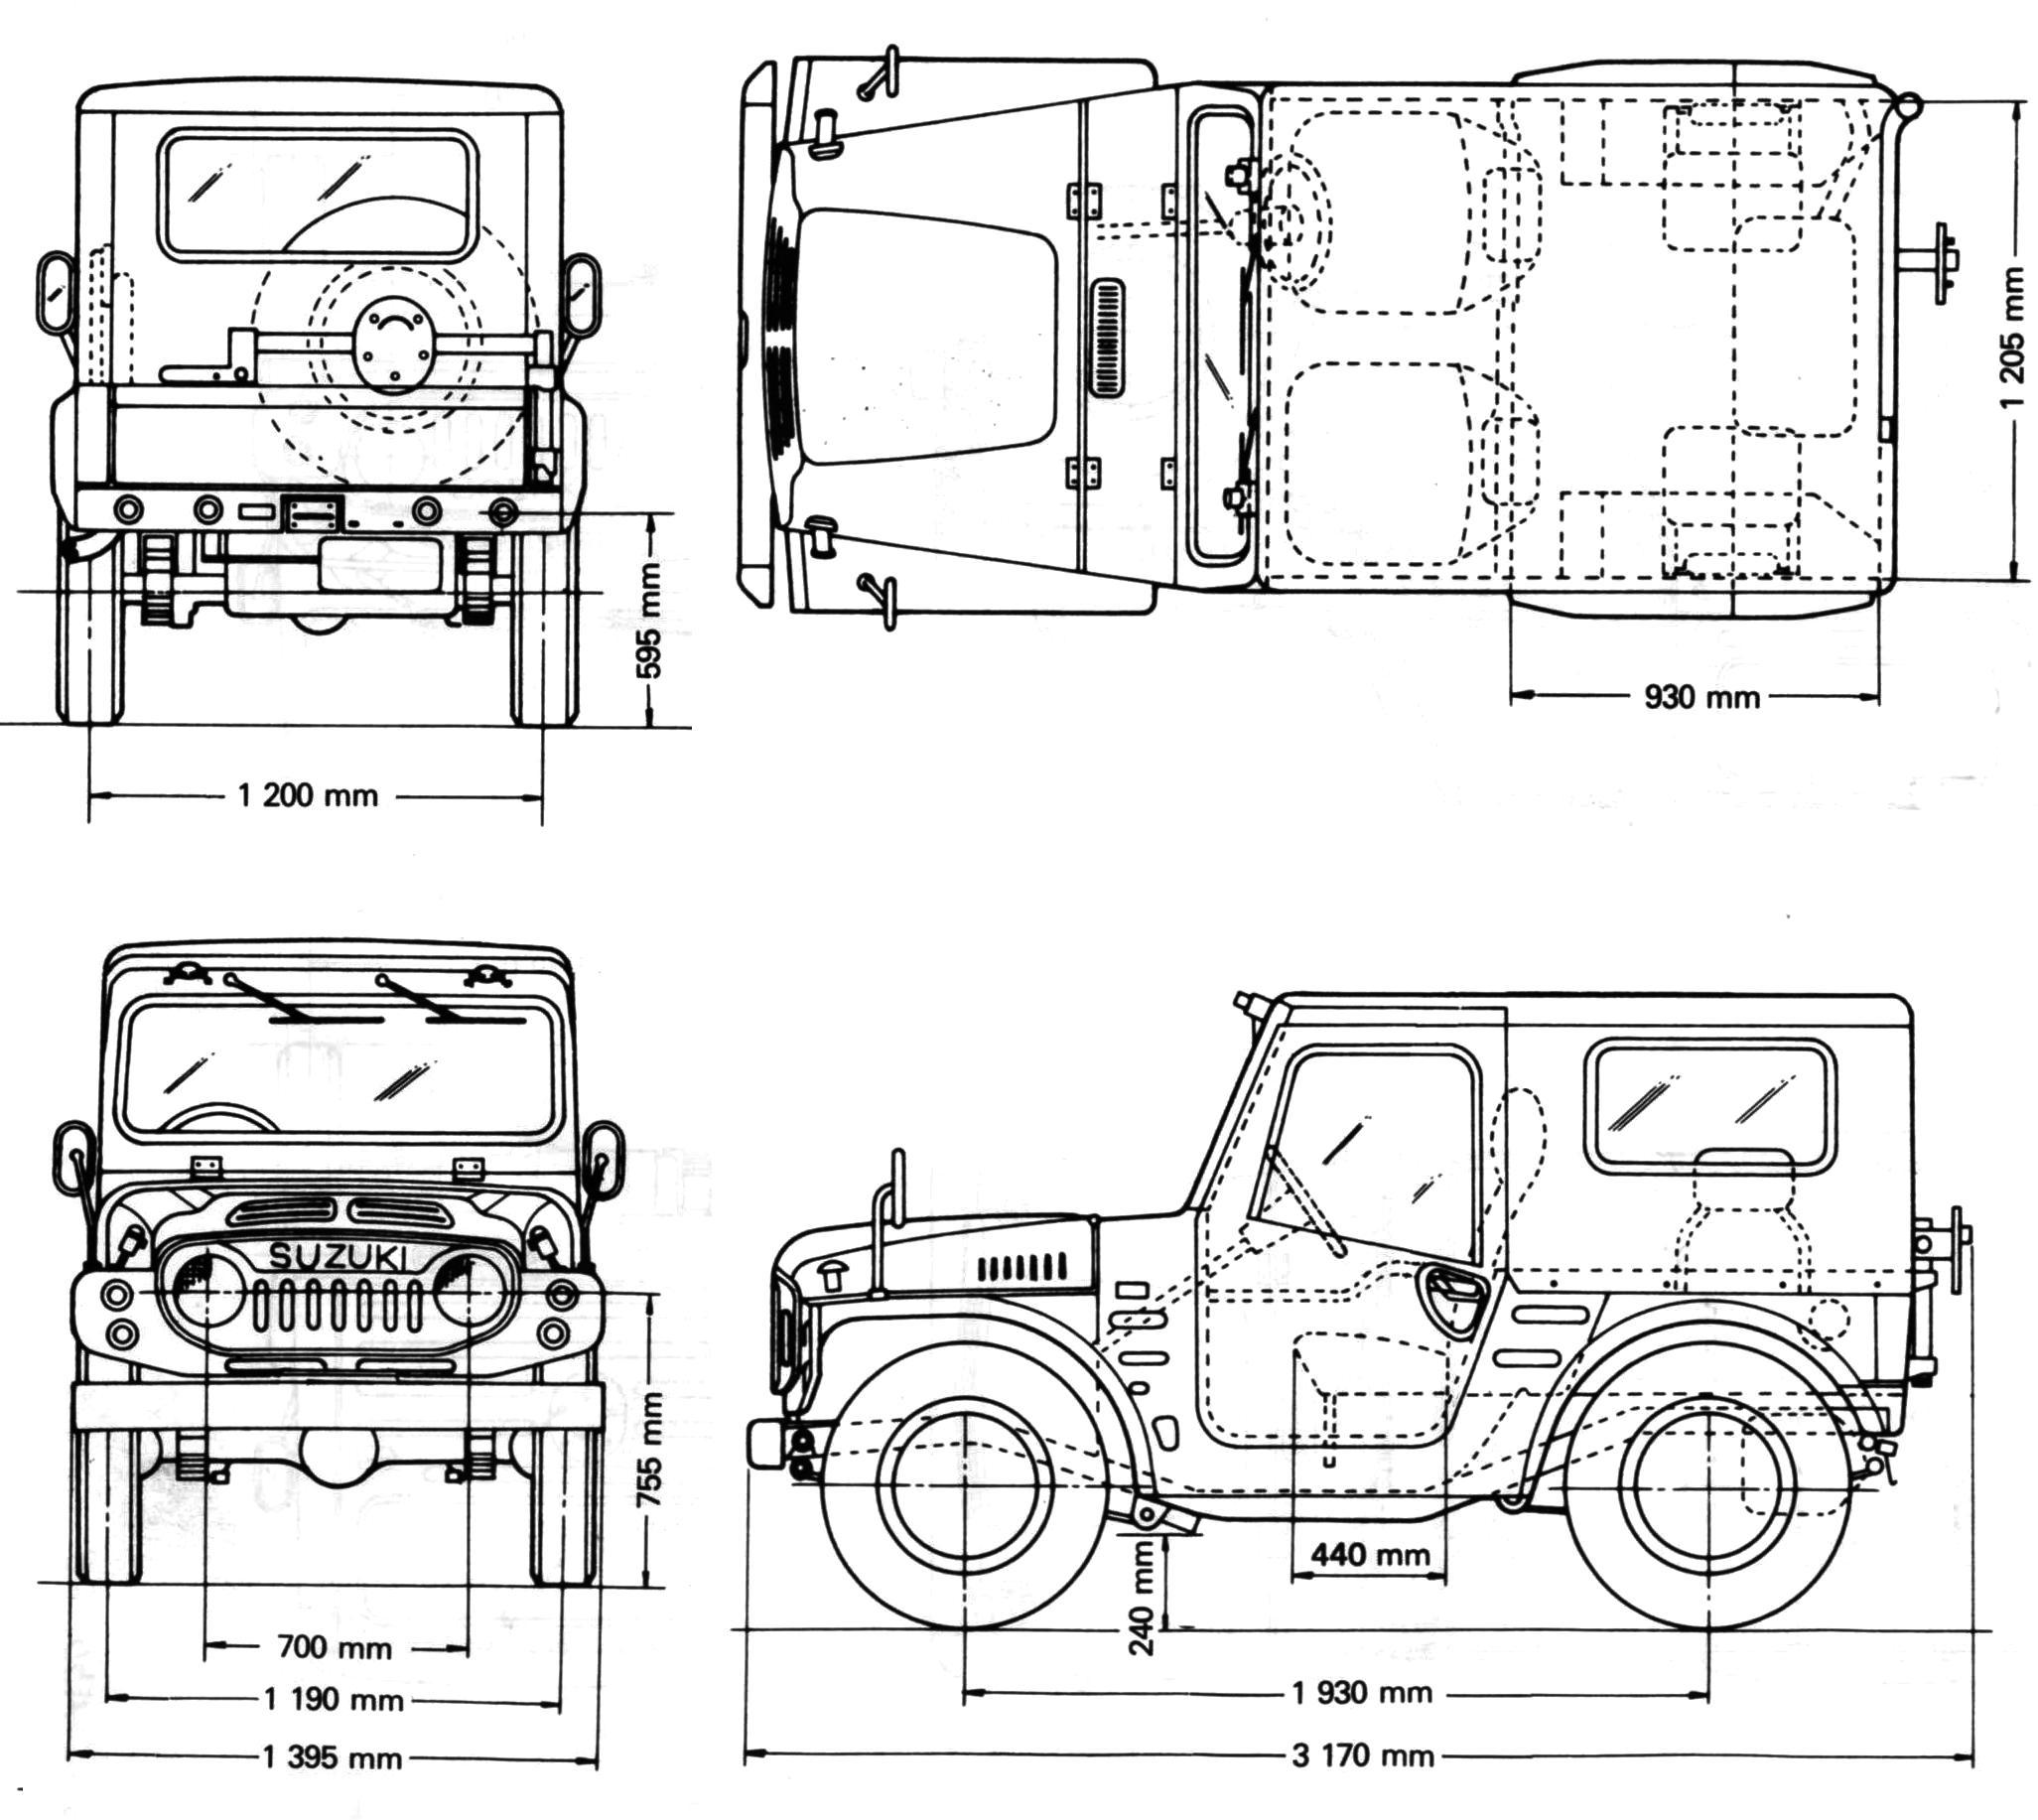 Suzuki LJ80 Ein Oldie OffroaderDaten